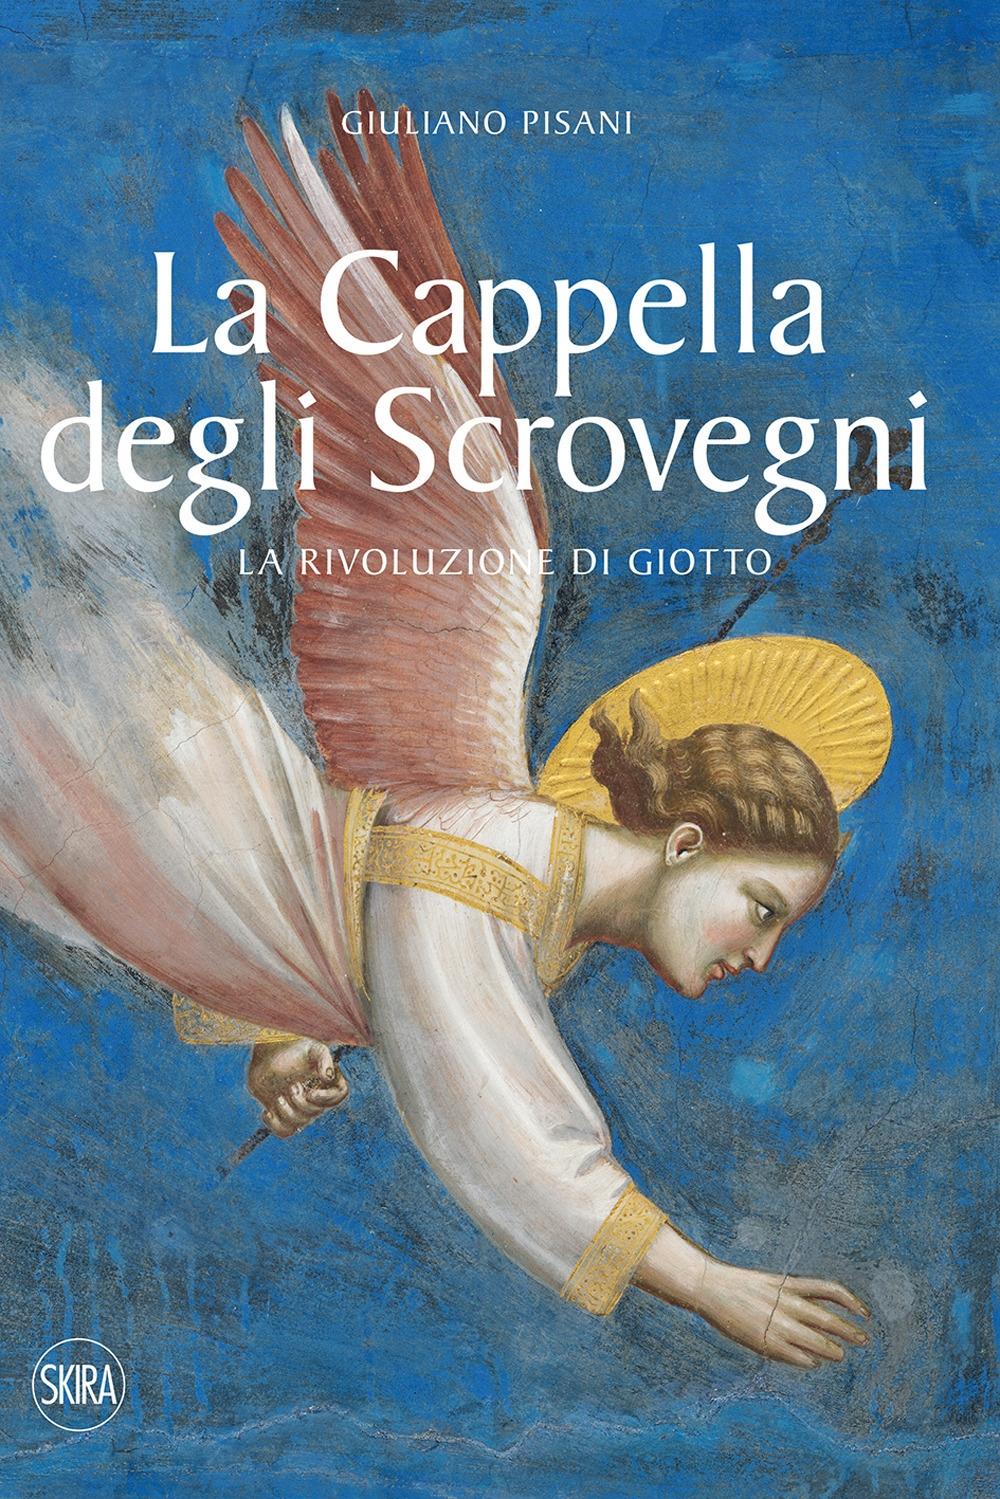 La cappella degli Scrovegni. La rivoluzione di Giotto